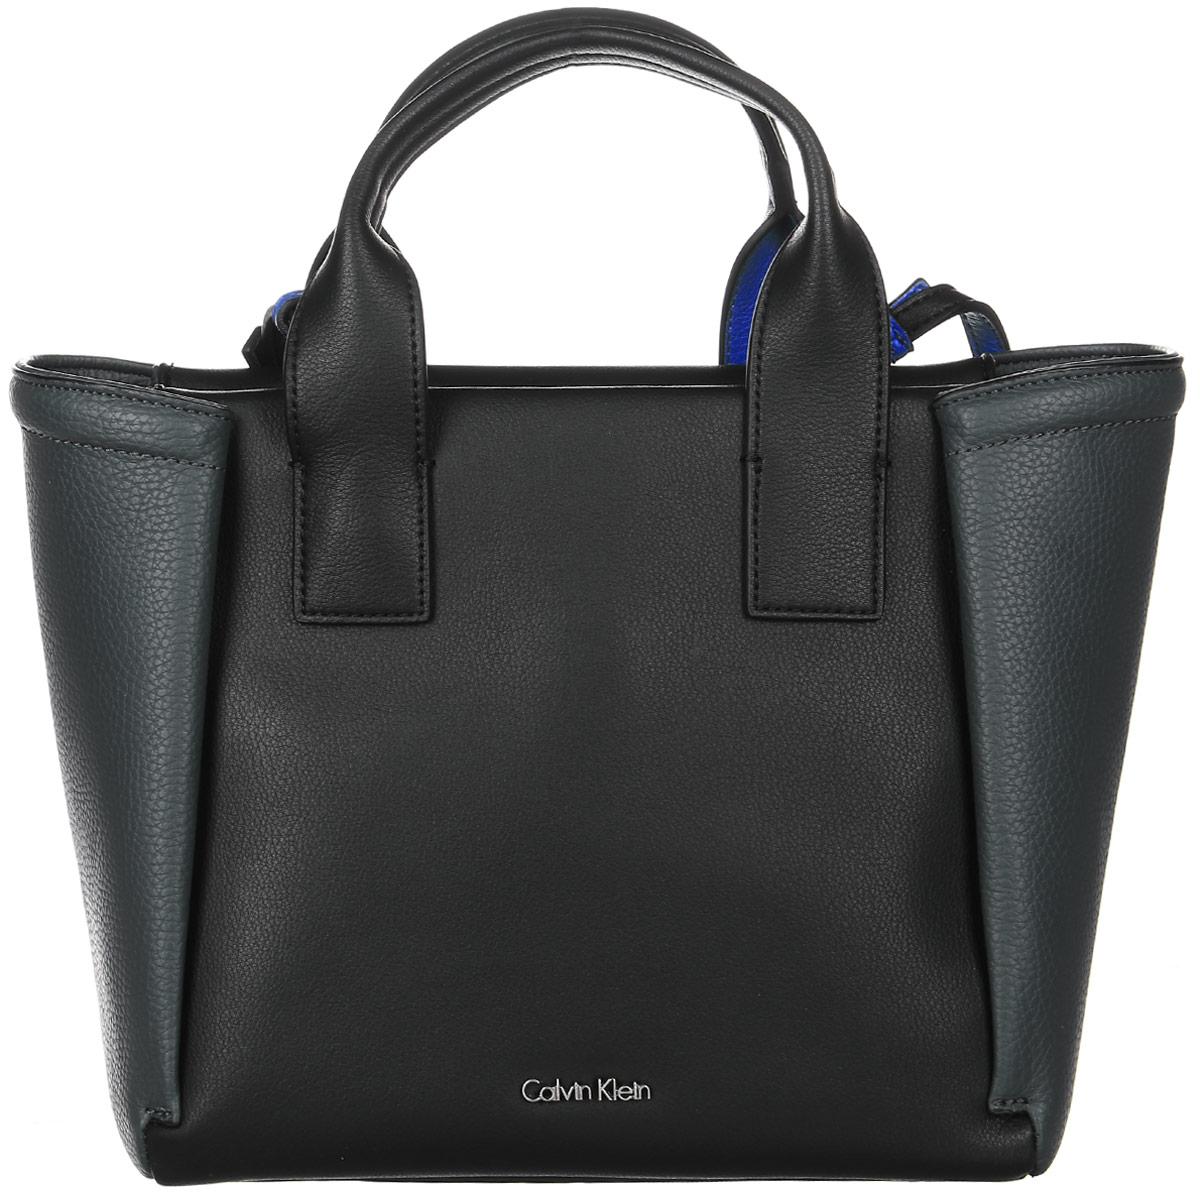 cde78b7701fc Сумка женская Calvin Klein Jeans, цвет: черный. K60K602482_0010 — купить в  интернет-магазине OZON.ru с быстрой доставкой